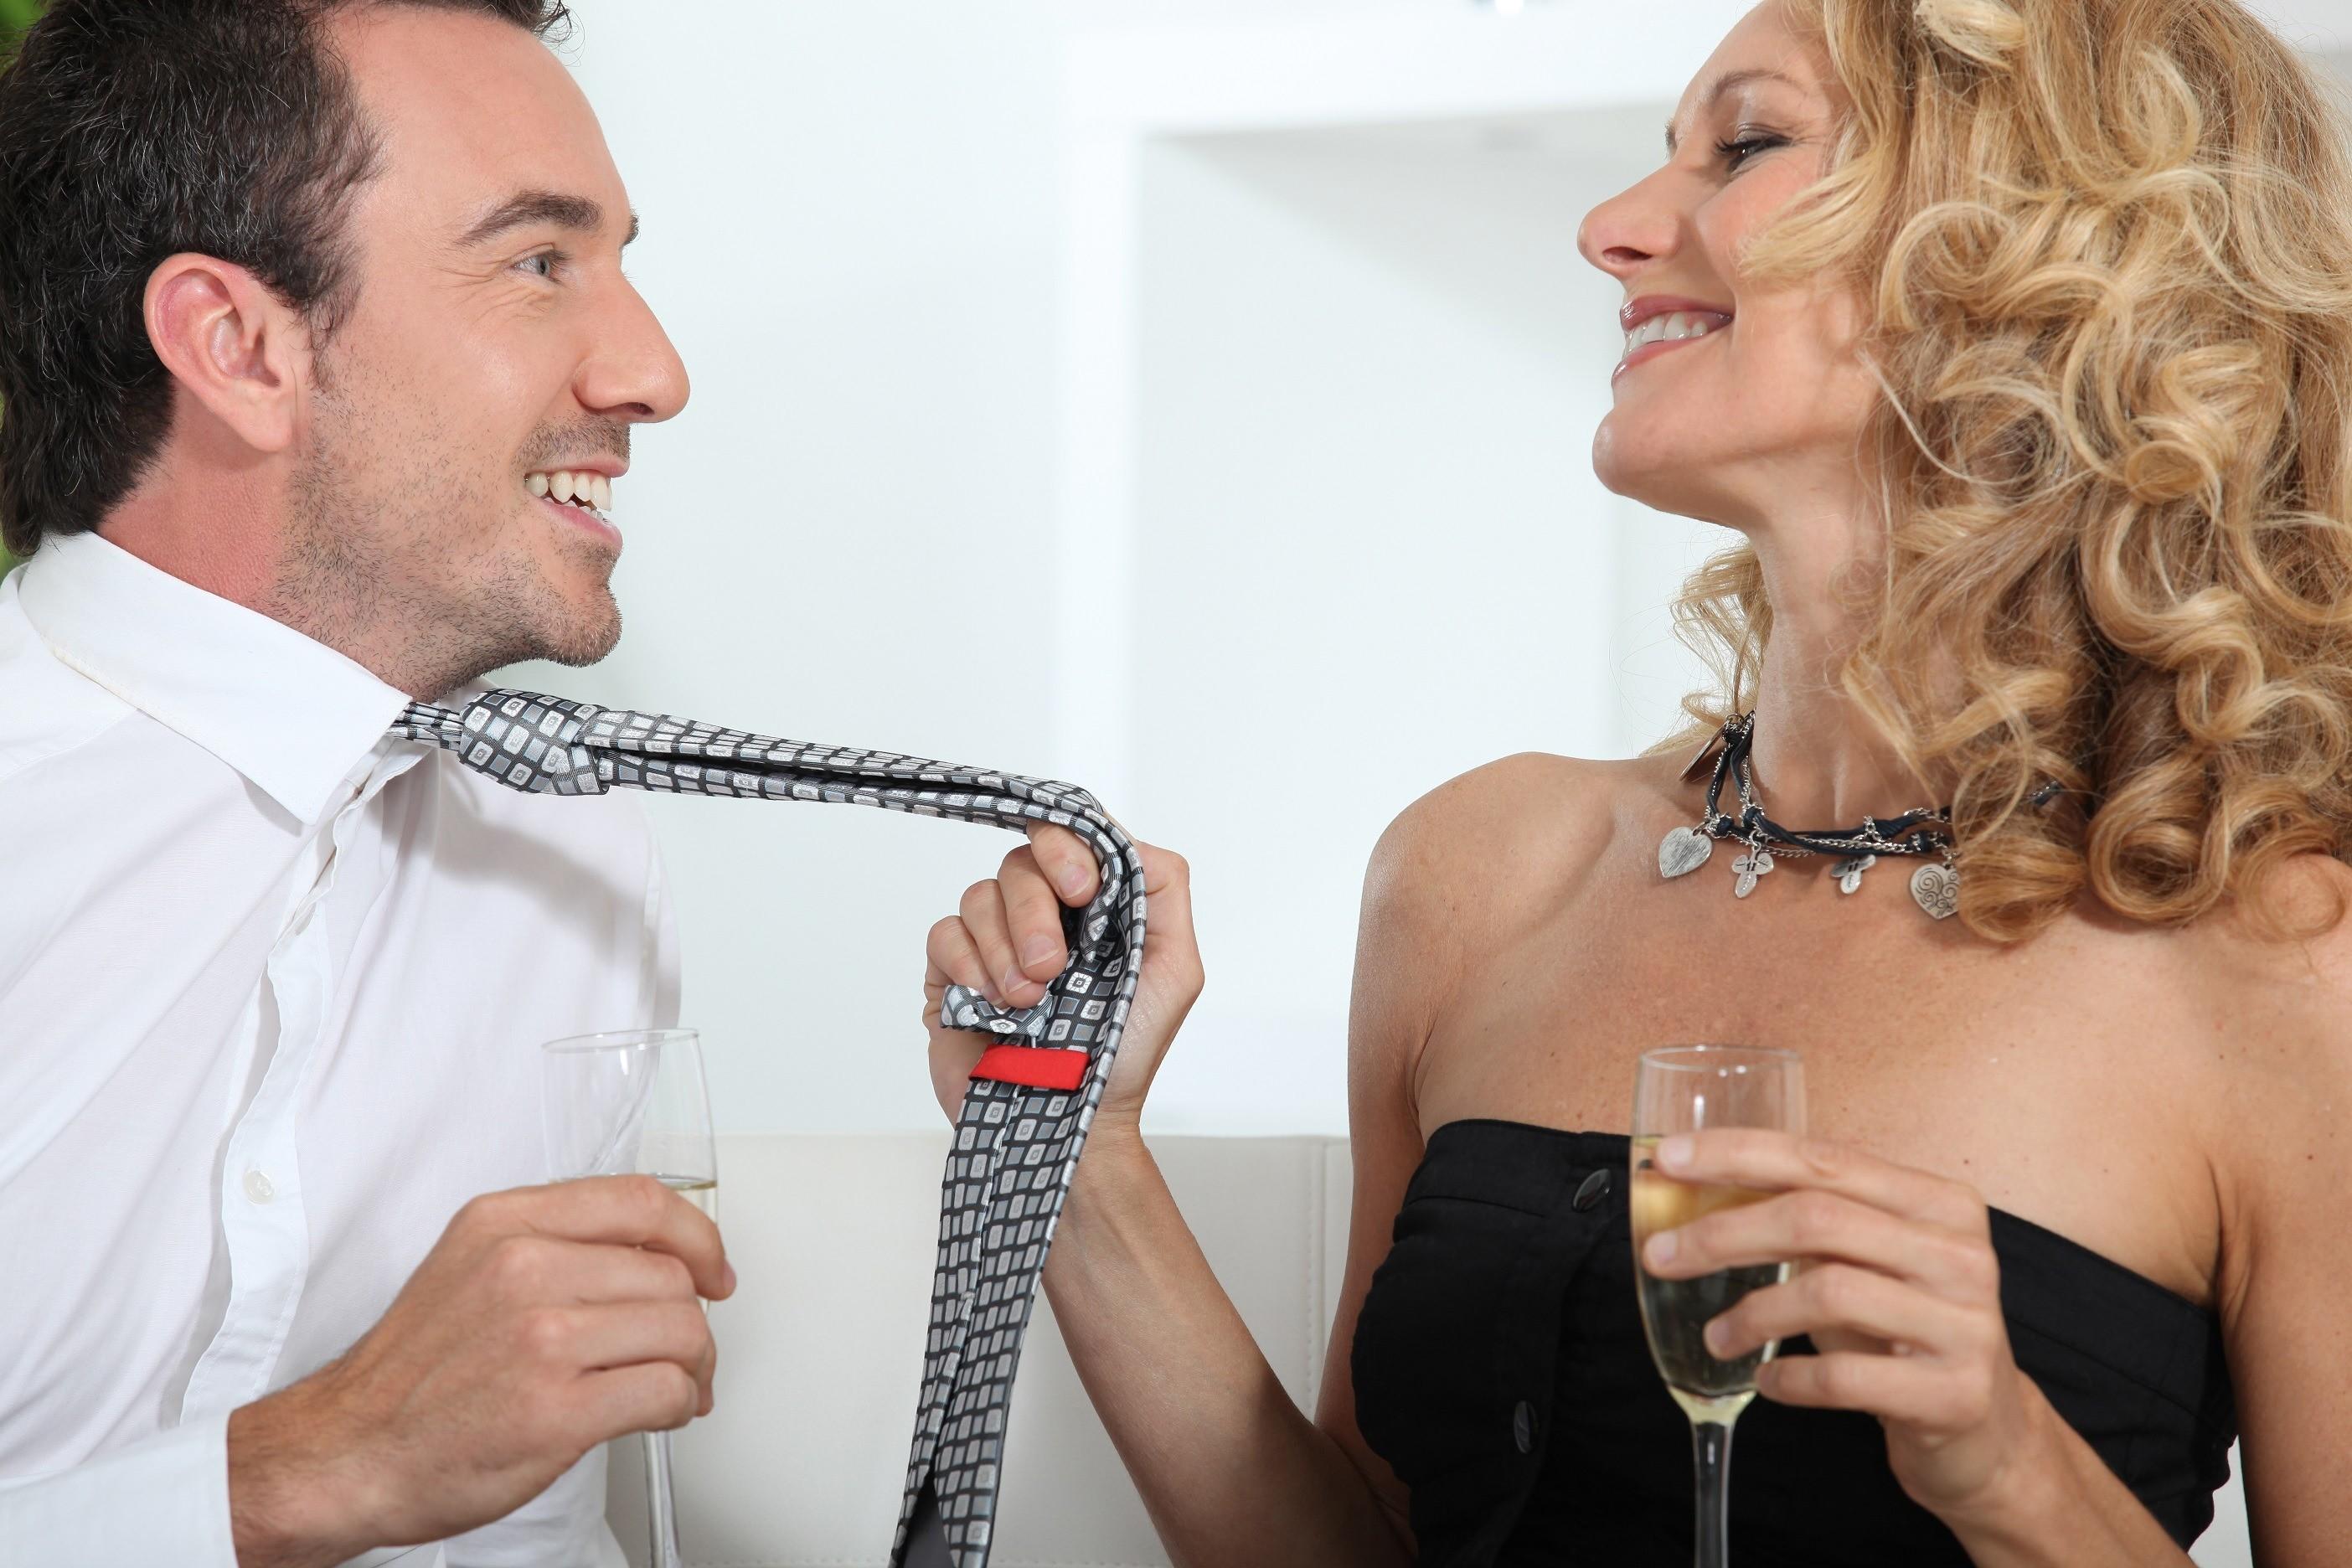 Мужчины изменяют даже самым любимым женам по этим 7 причинам